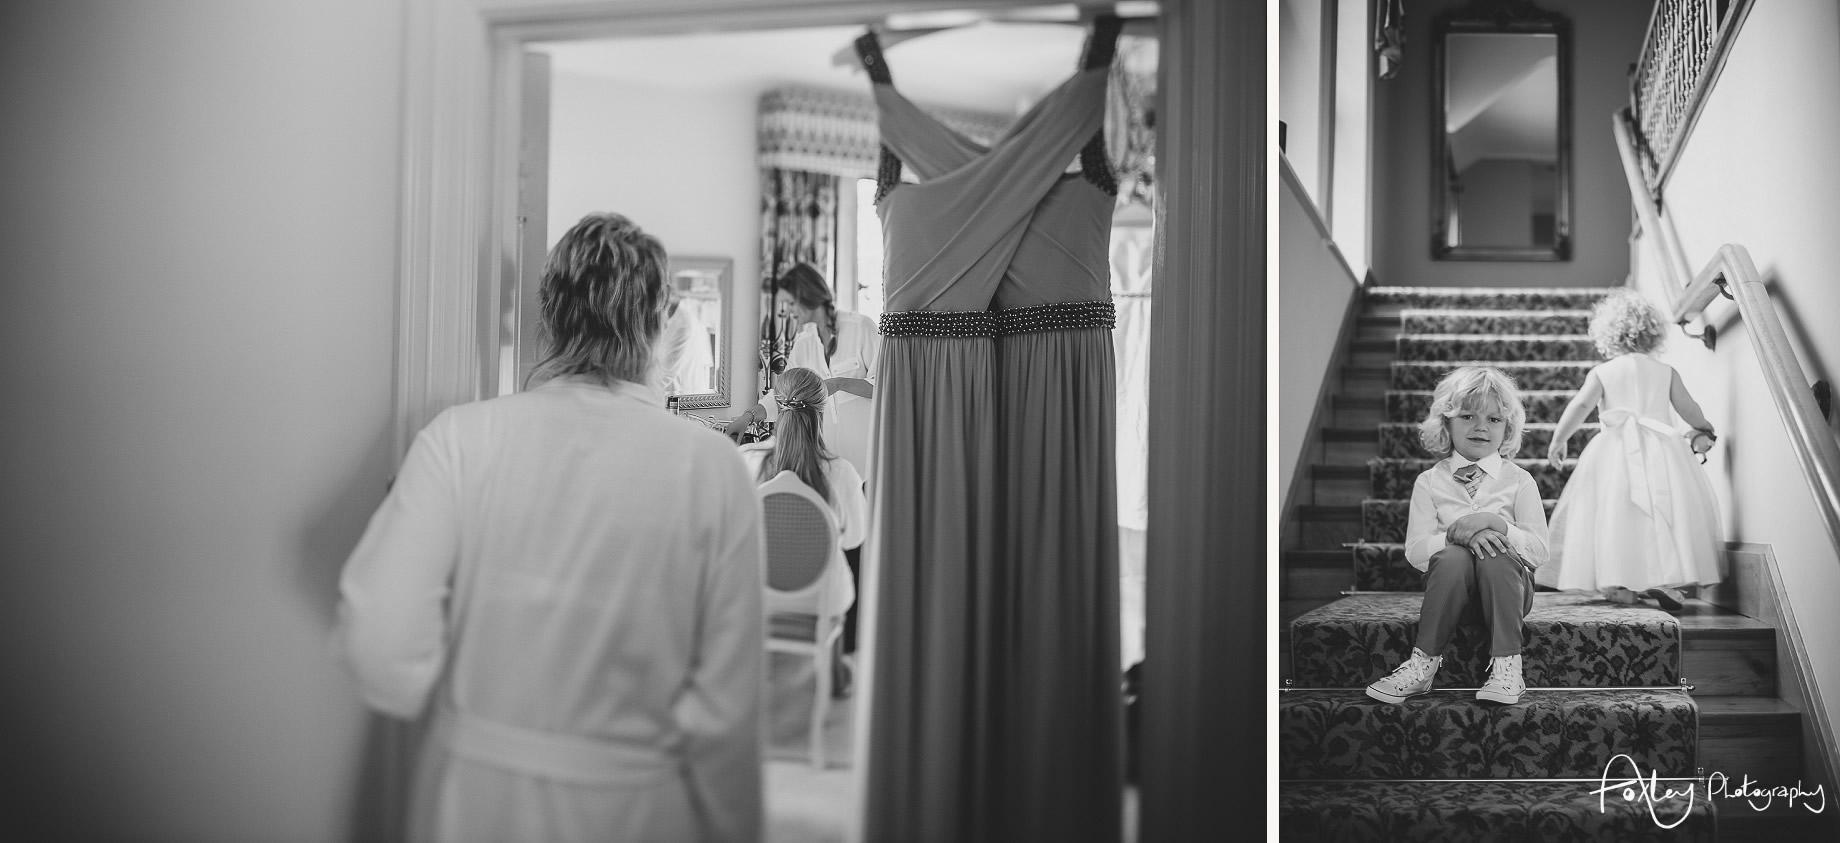 Simona-and-Robert-Wedding-at-Colshaw-Hall-028